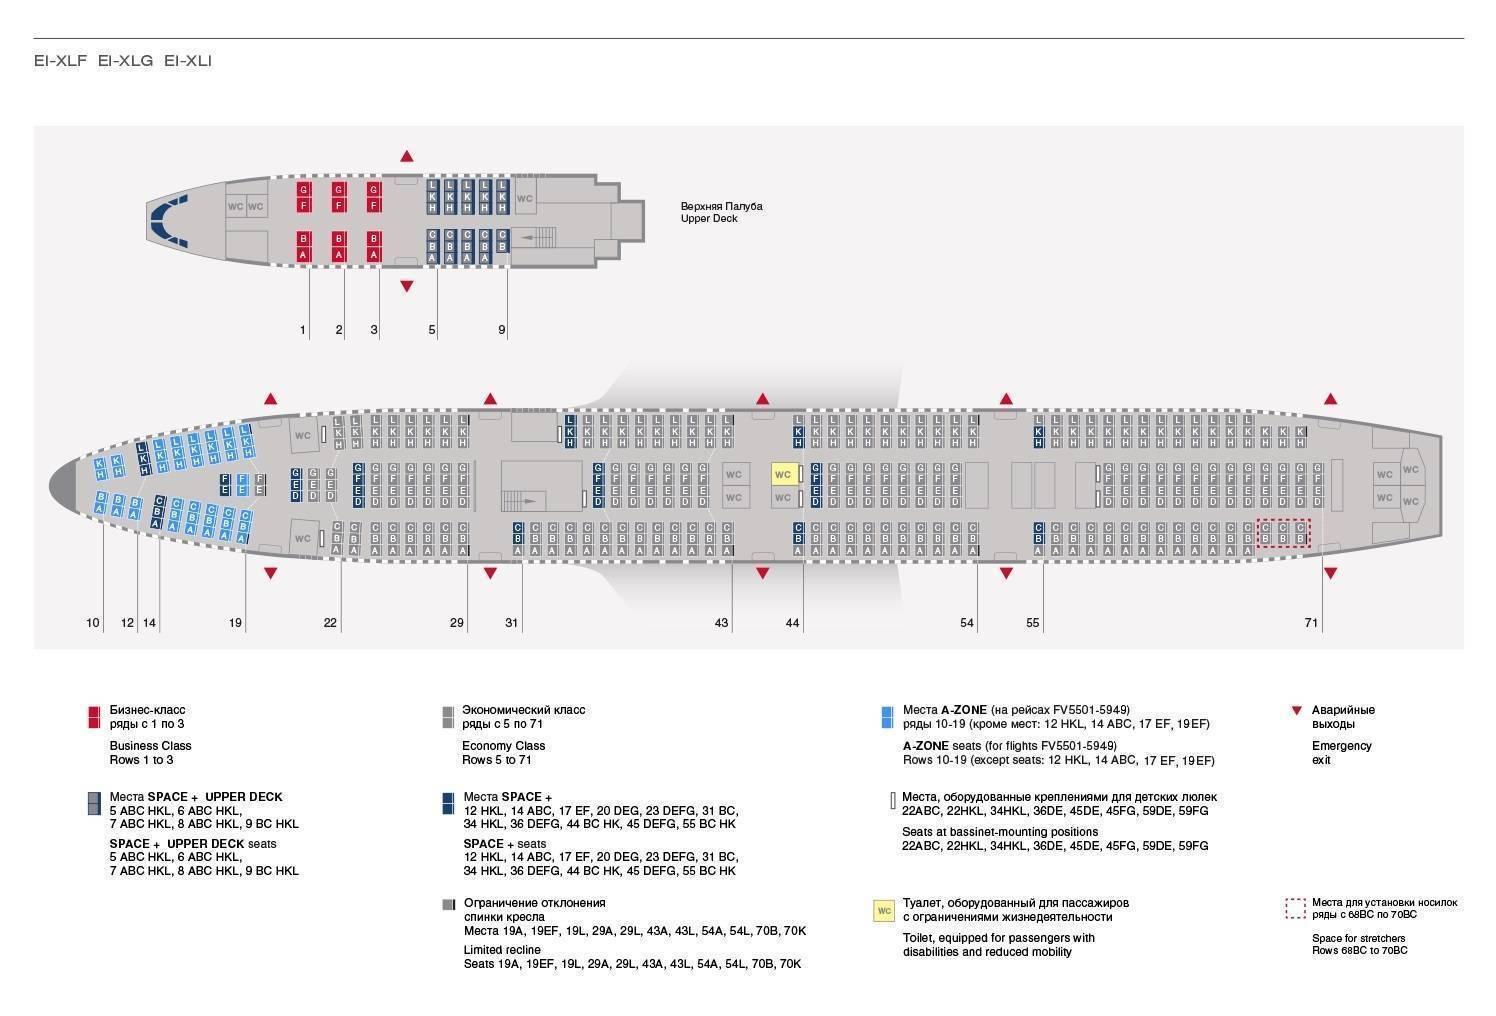 Какие бывают схемы популярных пассажирских самолетов? | какиебывают.рф